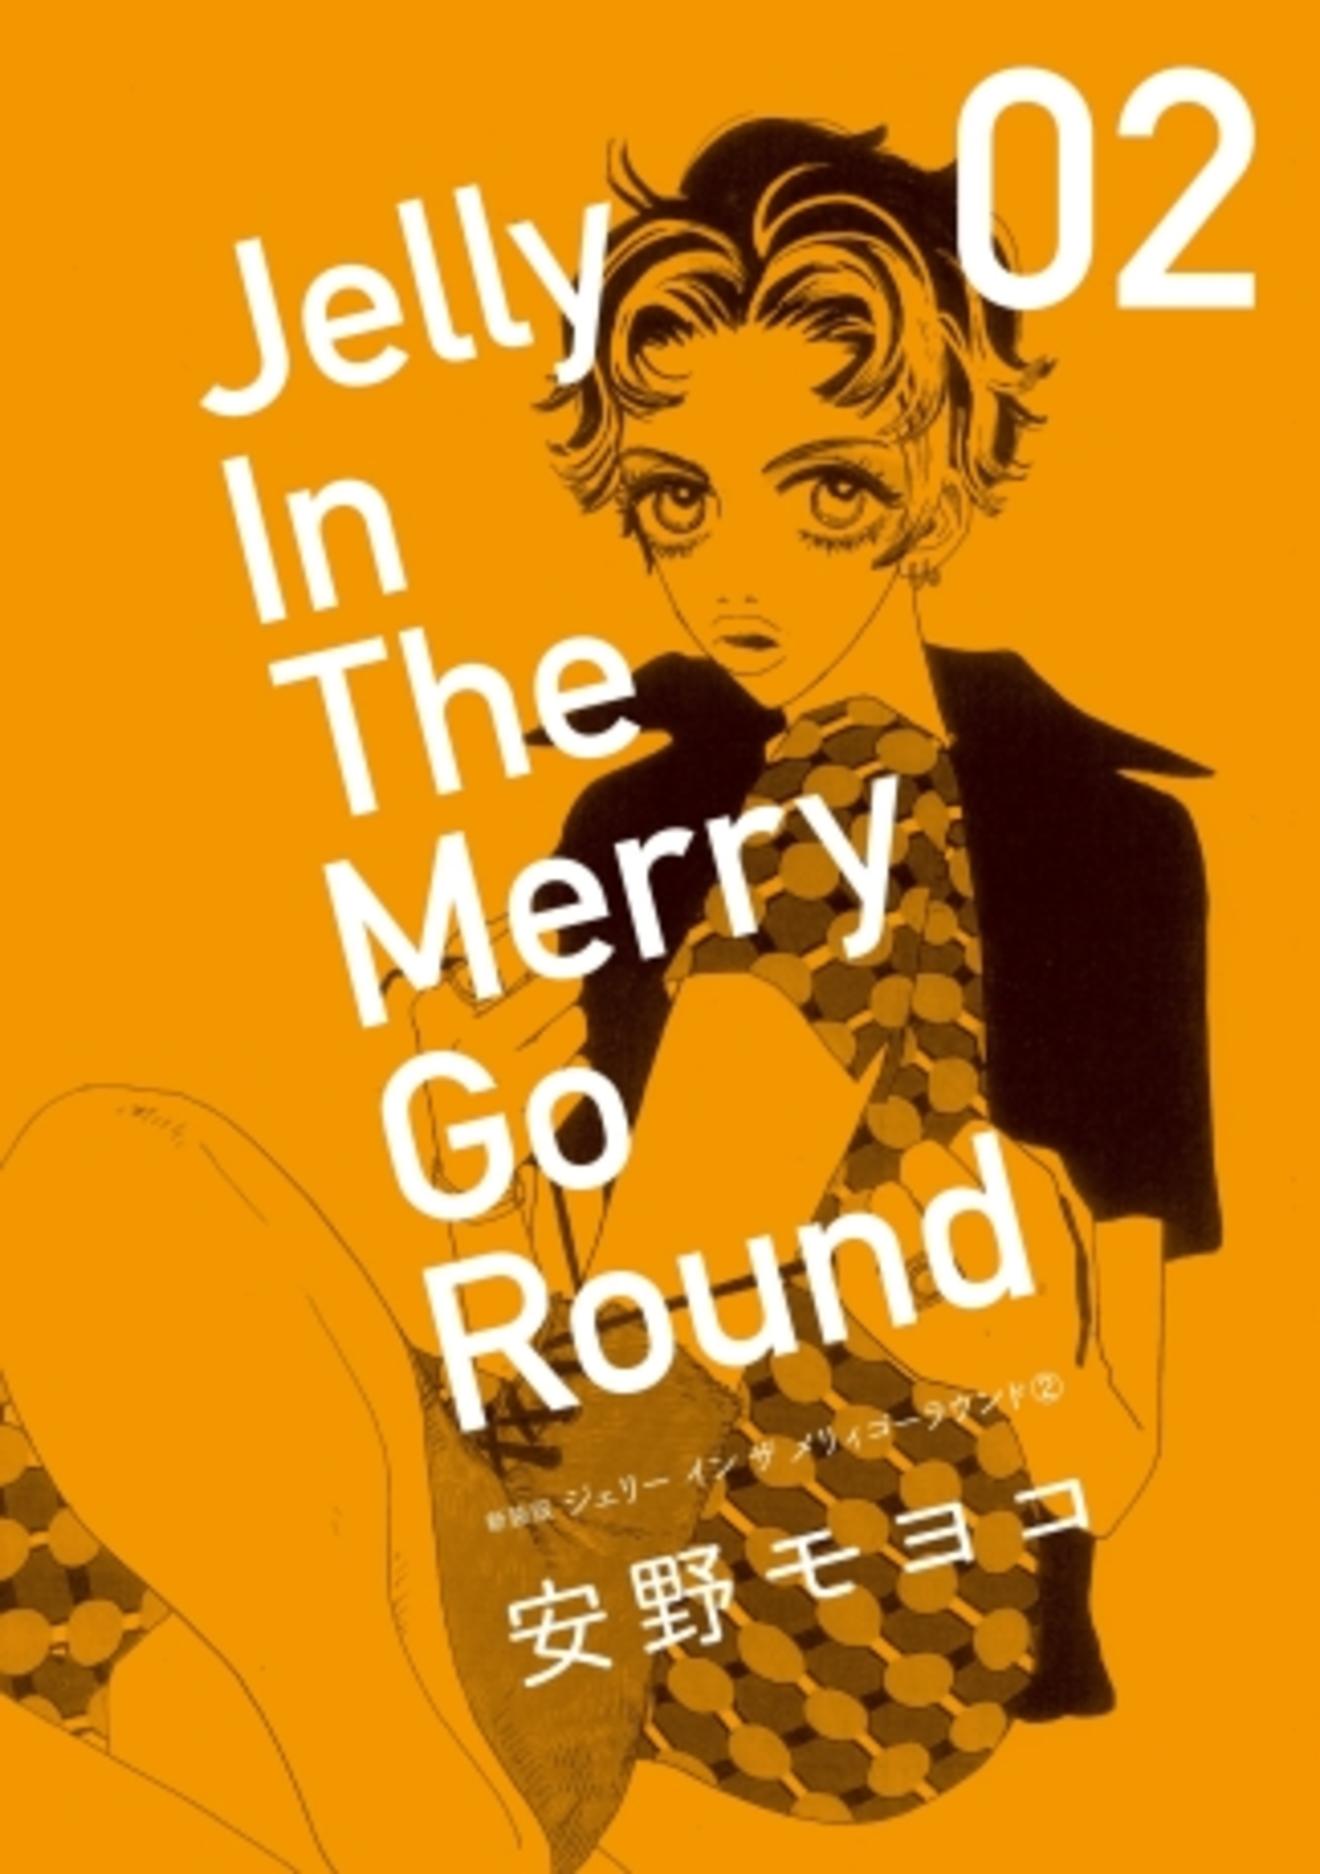 安野モヨコ作「ジェリーインザメリーゴーランド」が面白い!隠れた良作!